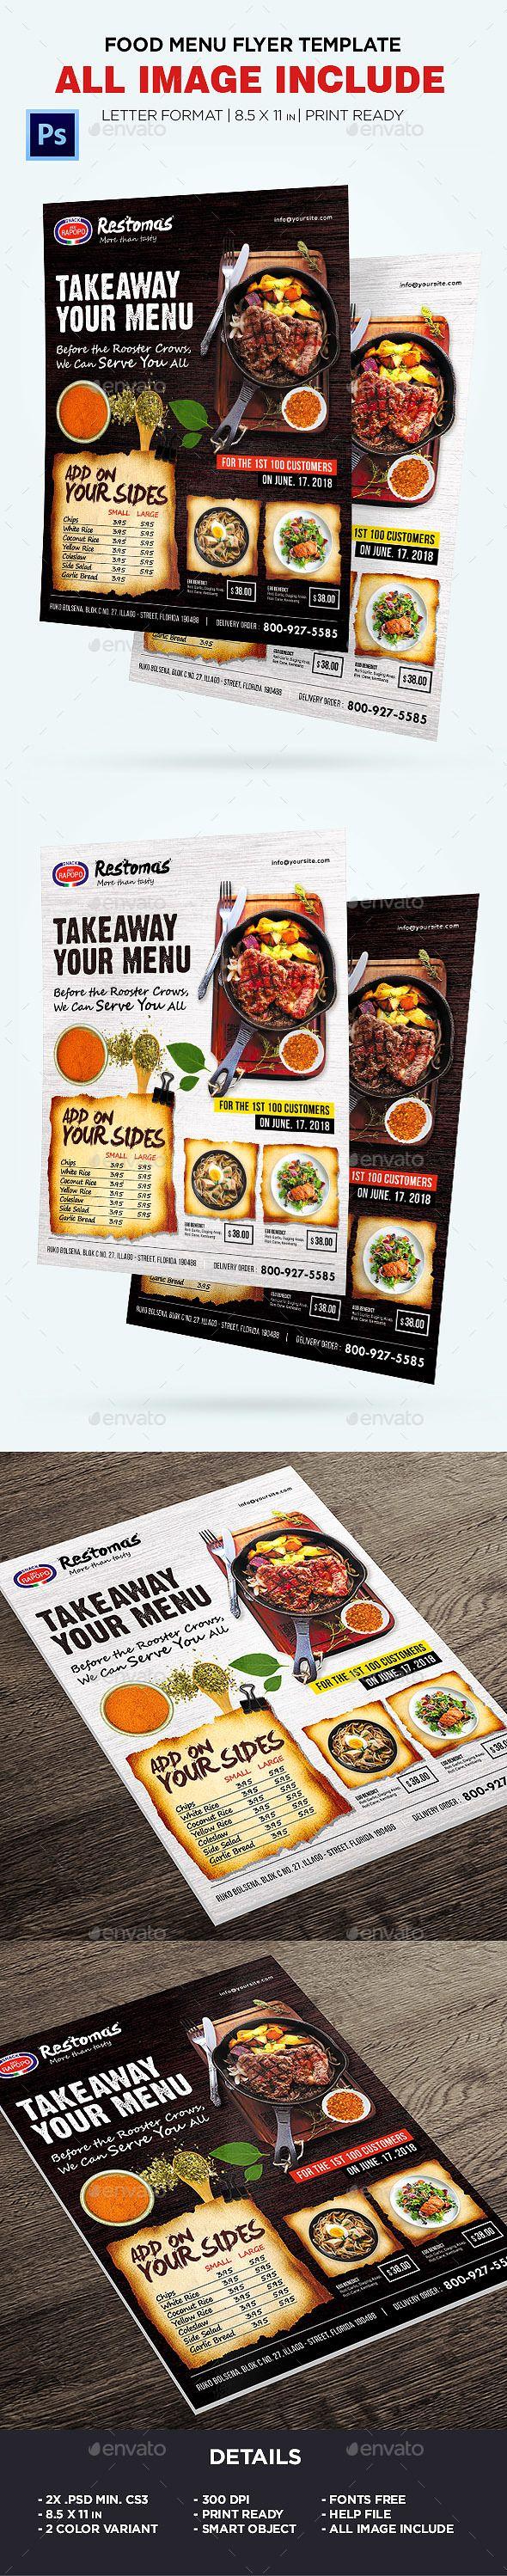 food menu restaurant menu flyer photoshop psd pizza menu elegant